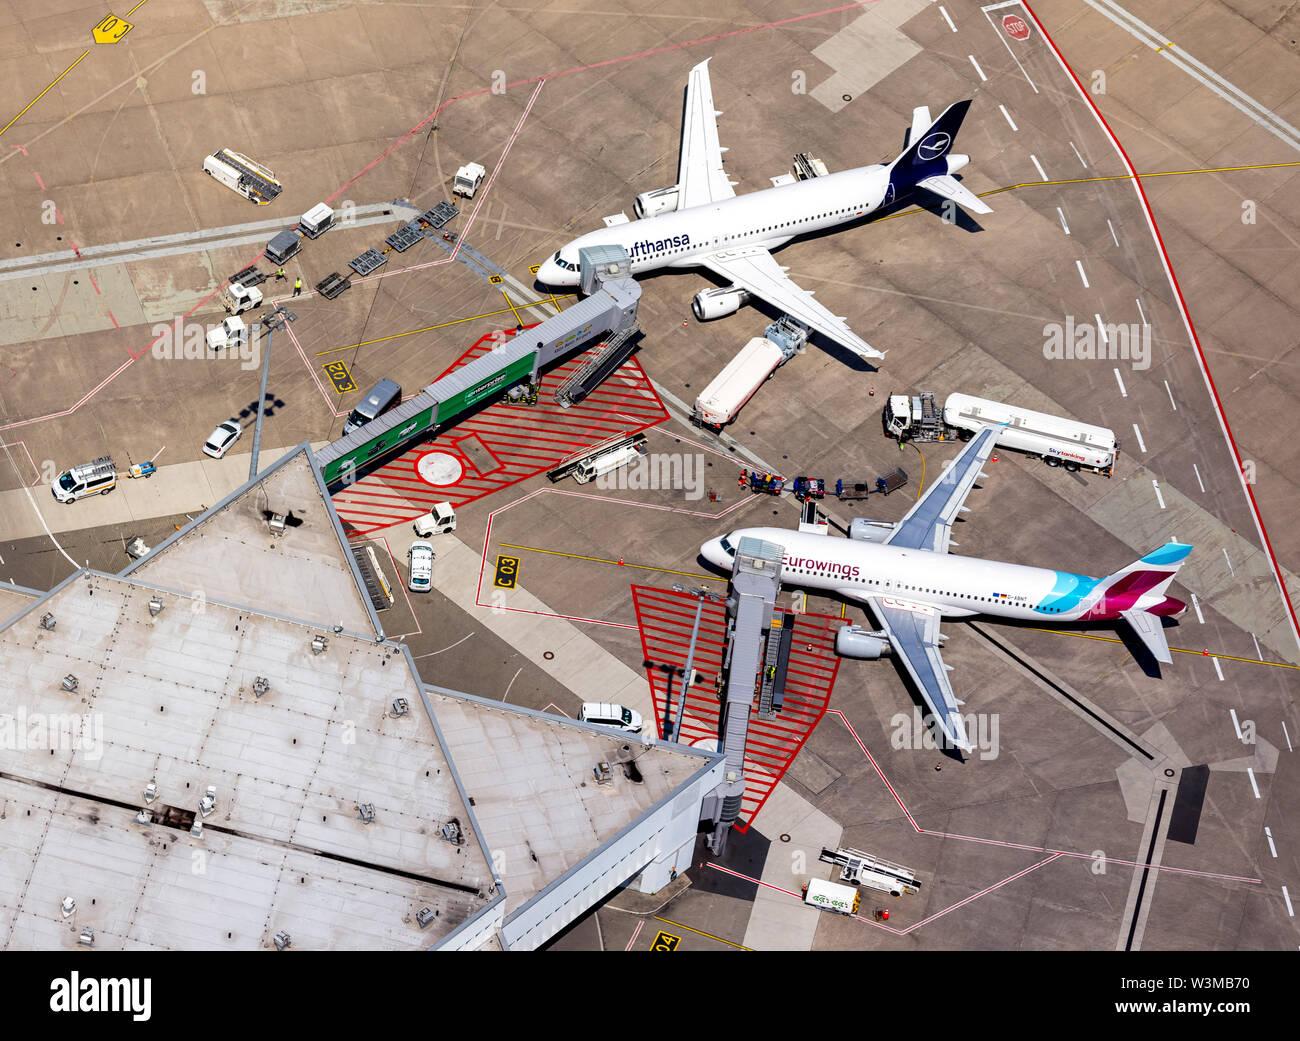 """Luftbild vom Flughafen Köln/Bonn """"Konrad Adenauer"""" mit Abfertigungsfingern, Flugsteigen mit Reisejets, Verkehrsflugzeugen ,internationaler Verkehrsflu - Stock Image"""